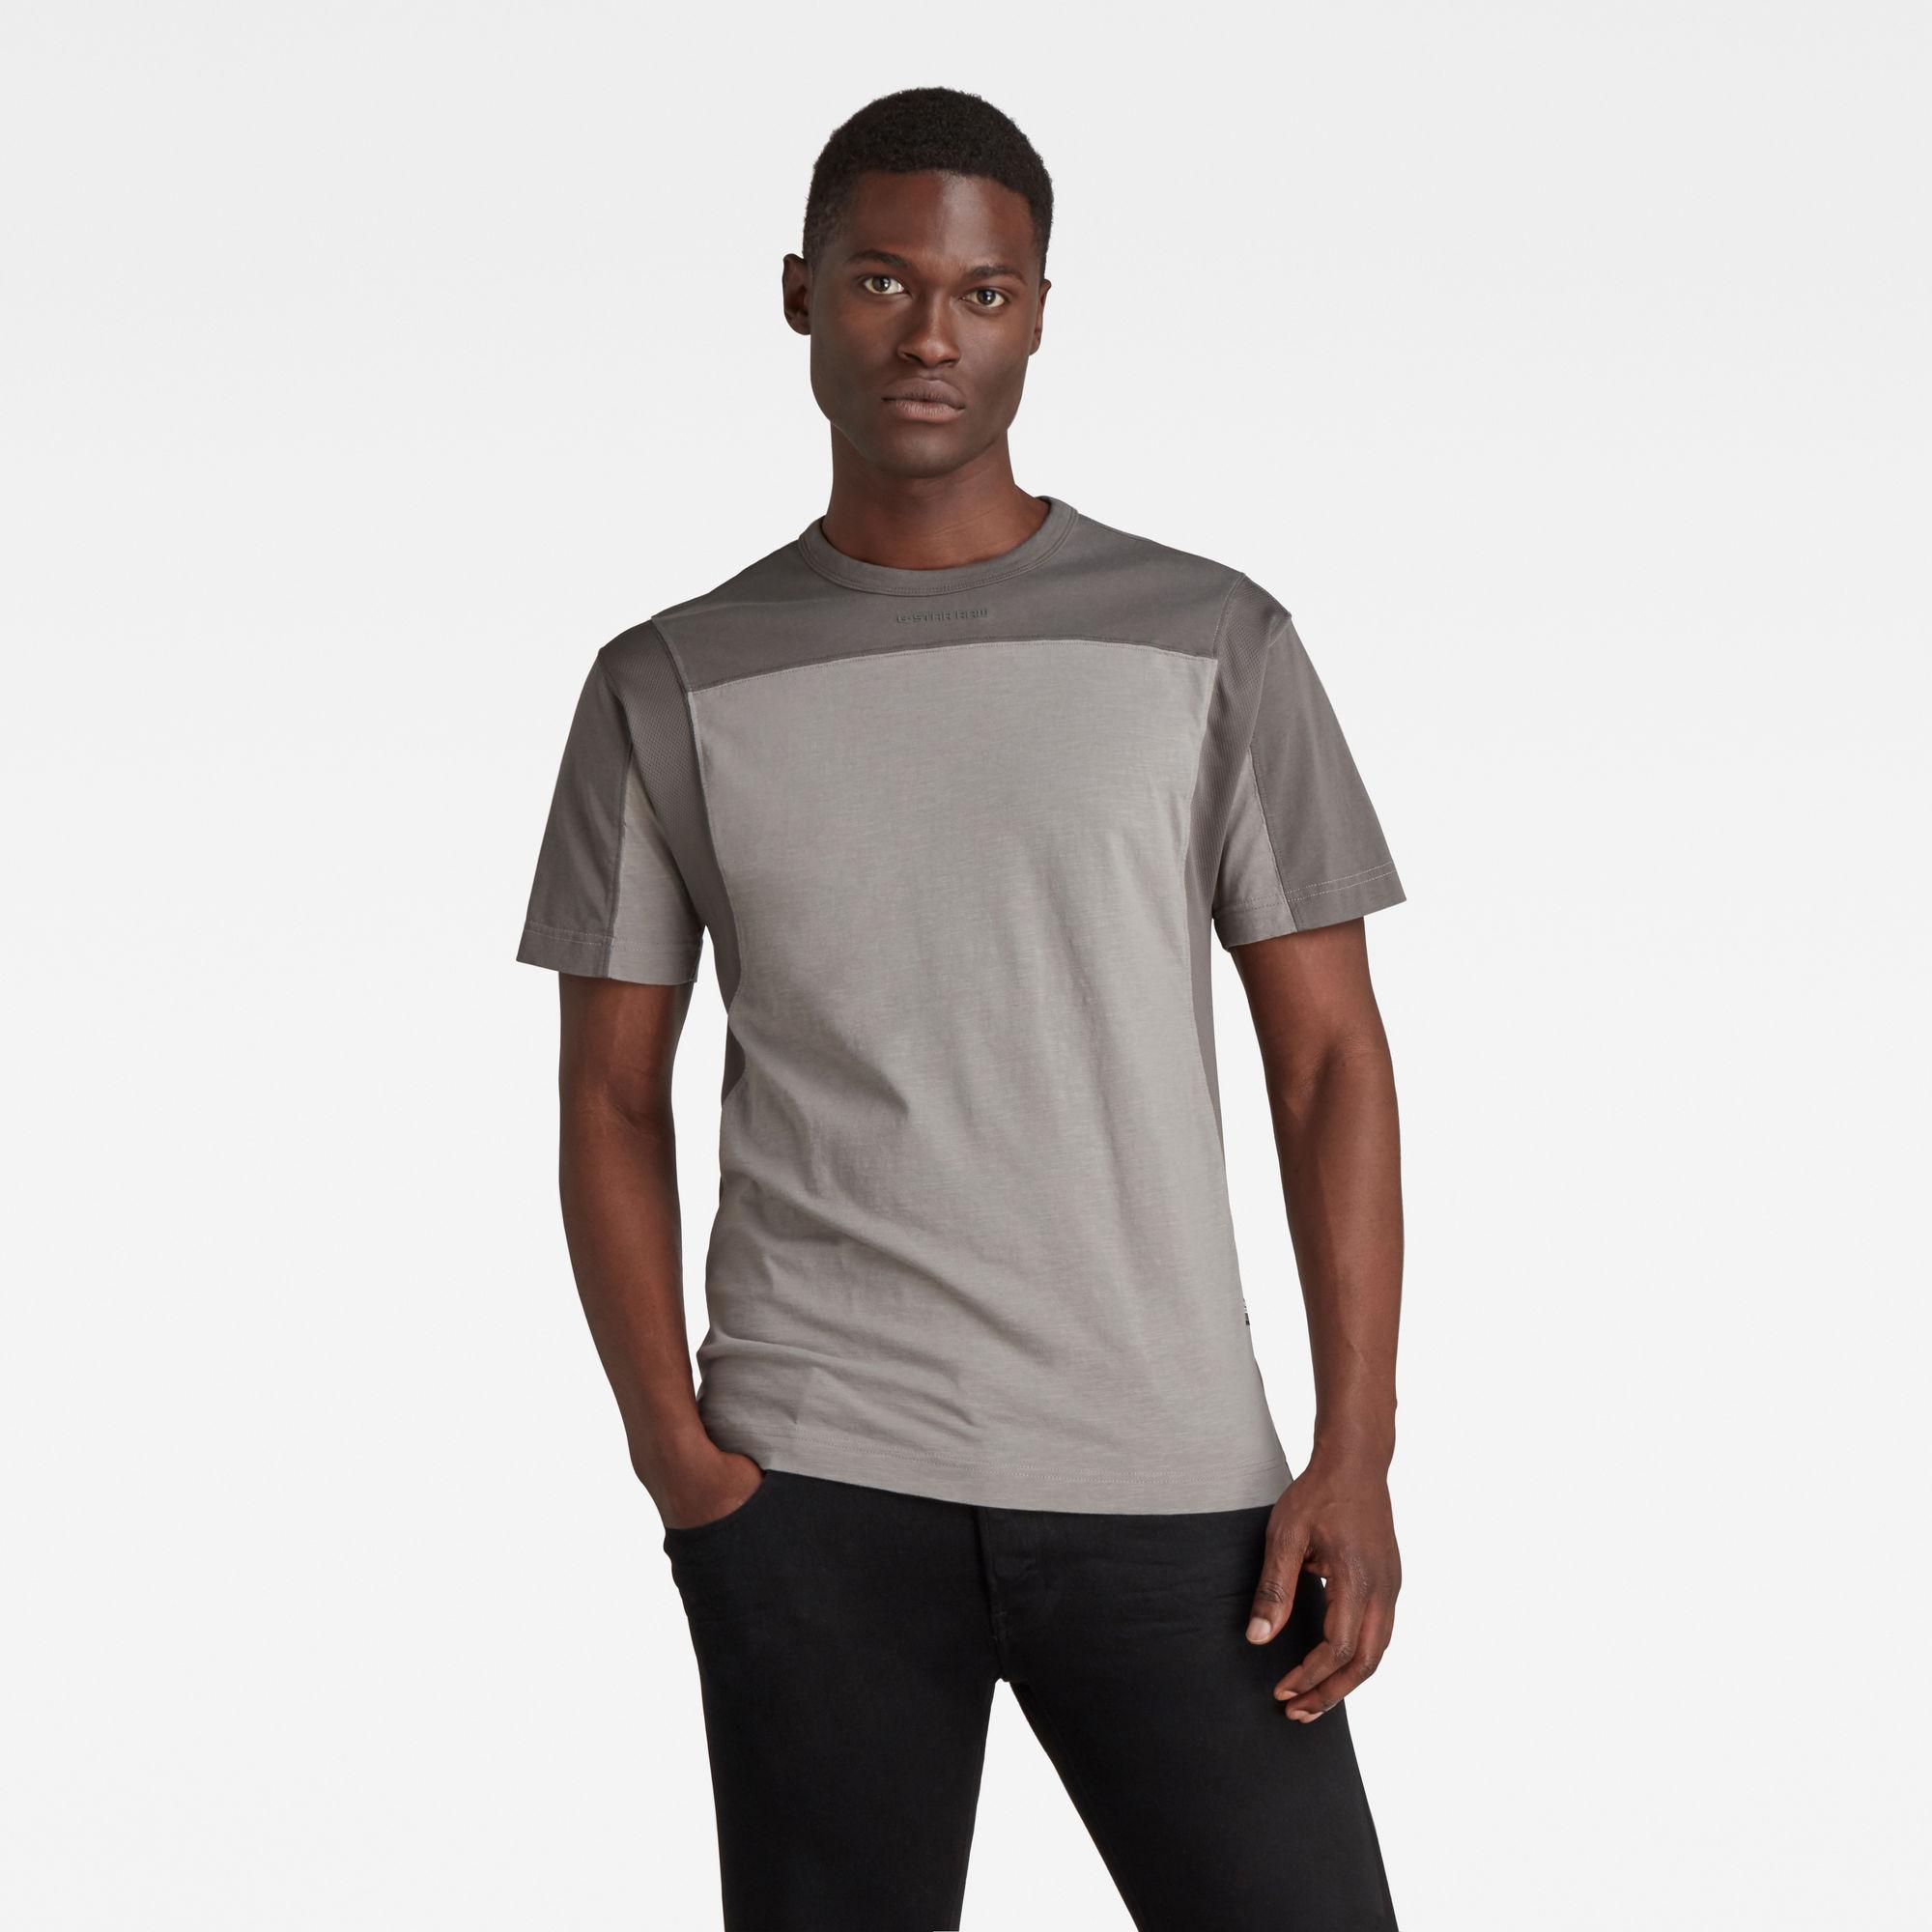 G-Star RAW Heren Moto Mesh Motac T-Shirt Grijs